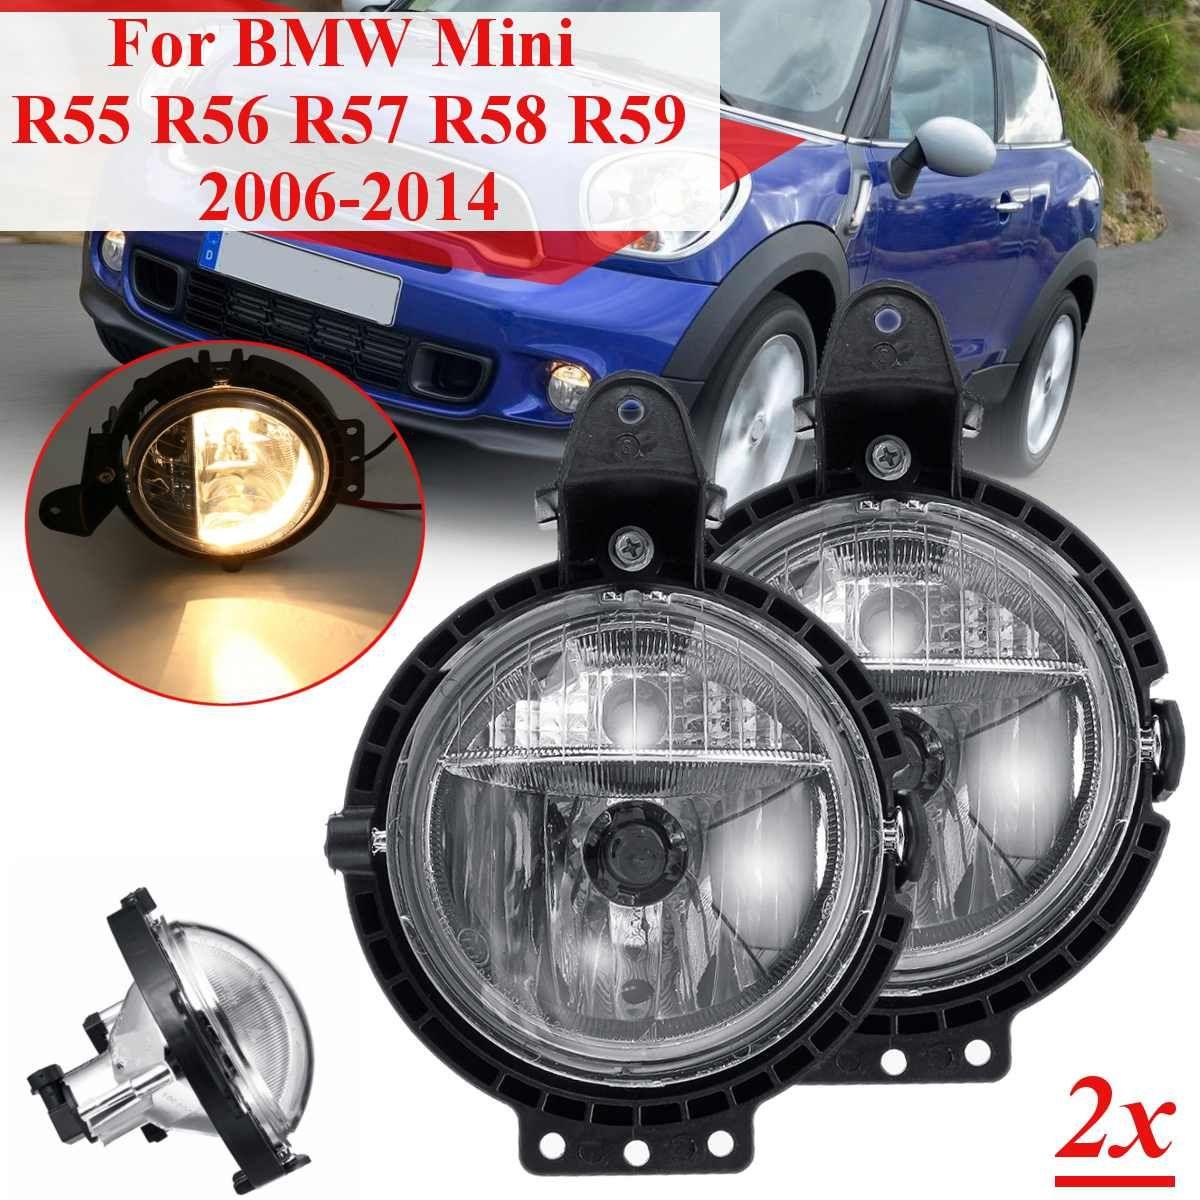 2 stücke Auto Nebel Licht Für BMW Mini R55 R56 R57 R58 R59 Clubvan Clubman Cooper Roadster Ryman eine Lampe mit Bulb Driving Lampe